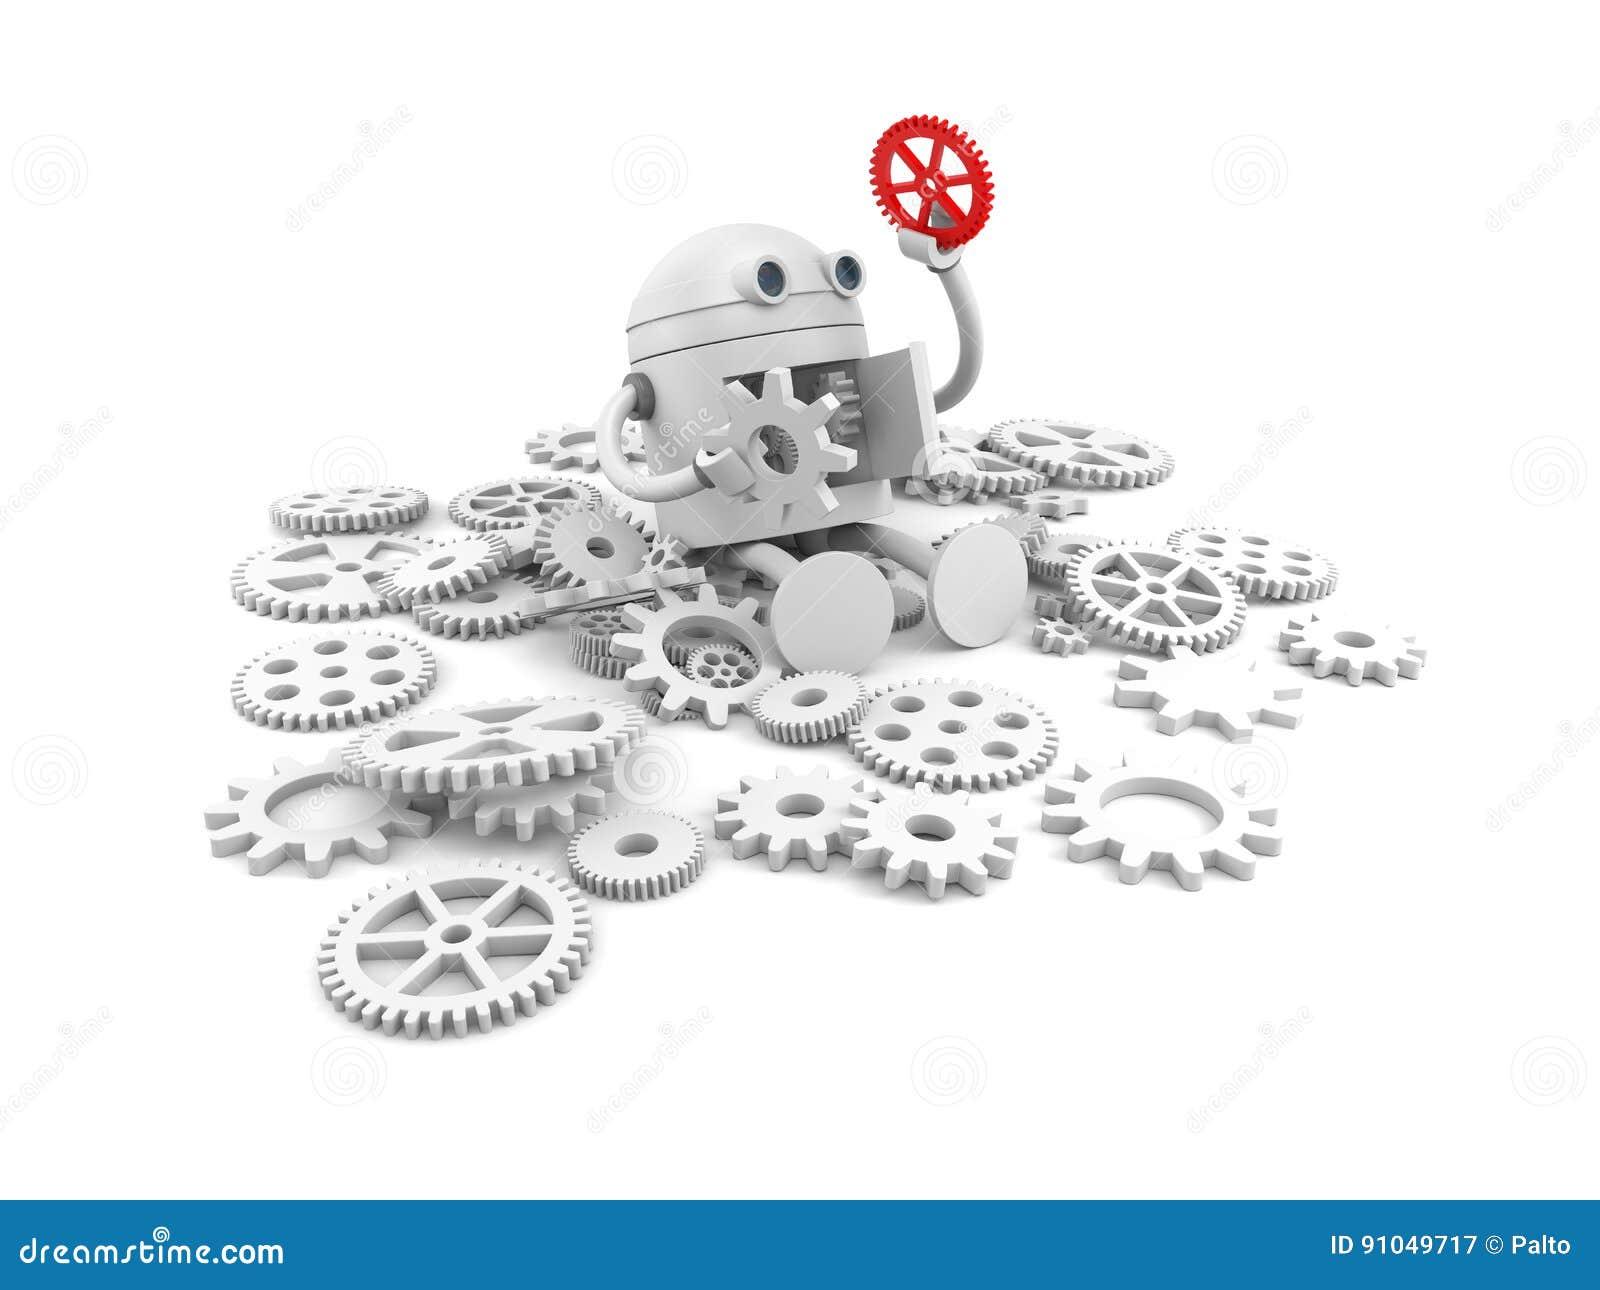 Łamany robot z szczegółami swój mechanizm Dla twój strona internetowa projektów